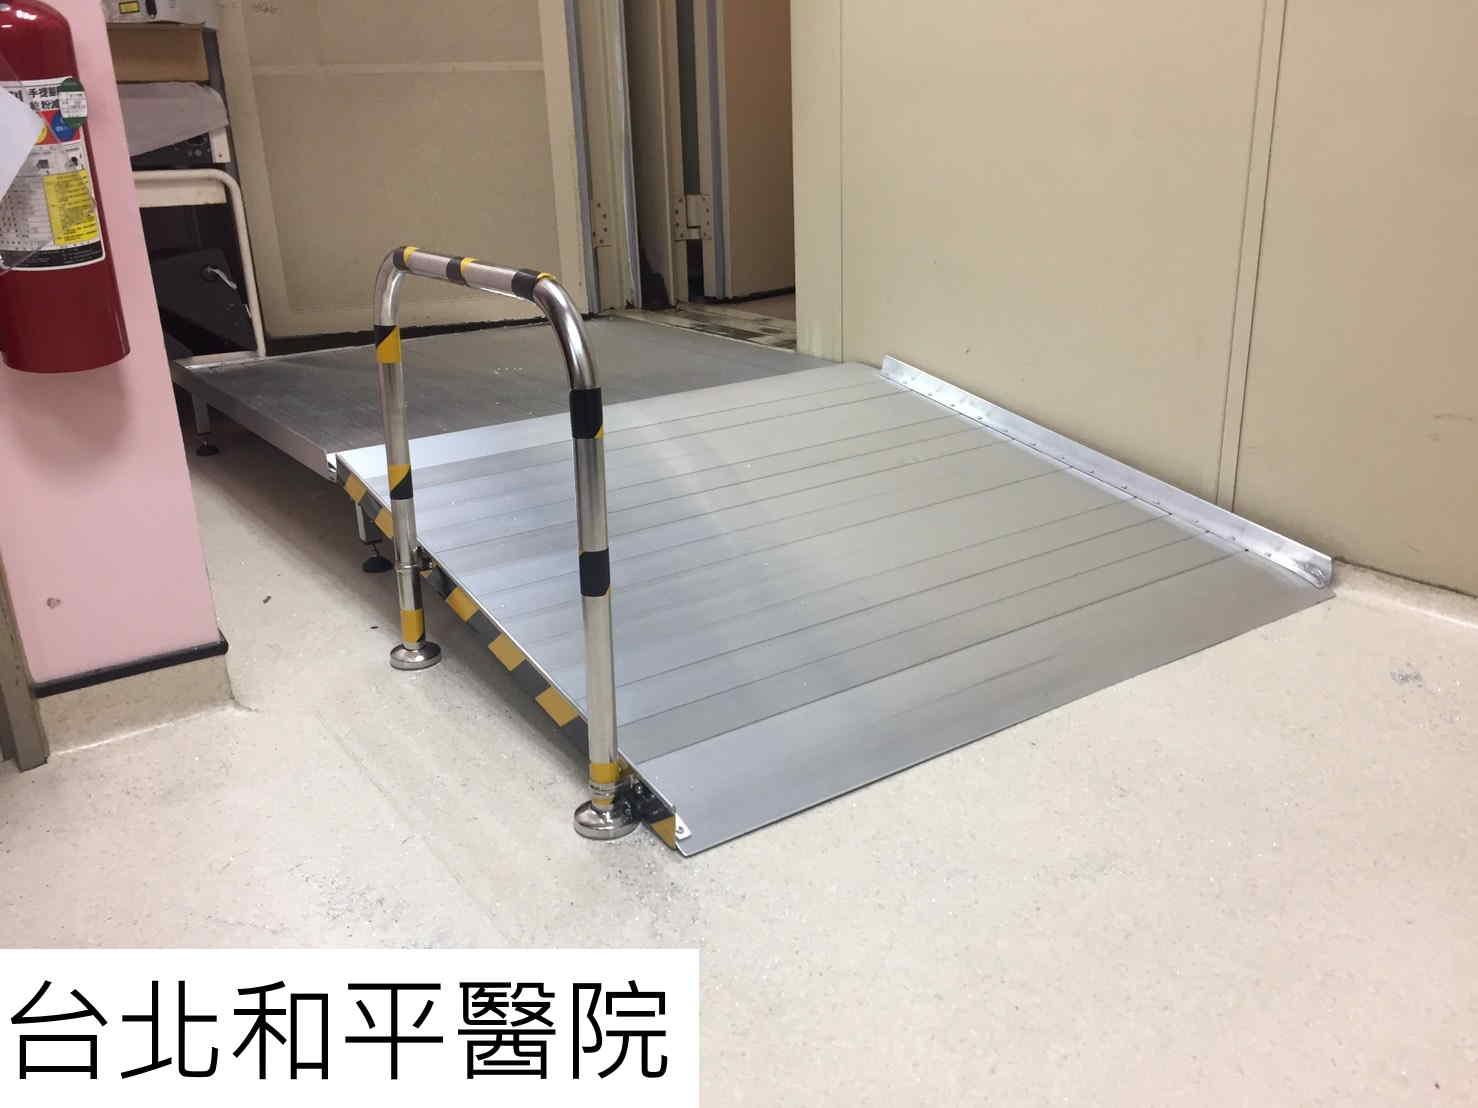 台北和平醫院使用鋁合金平台搭配訂做款左右折疊式斜坡板方便輪椅轉彎